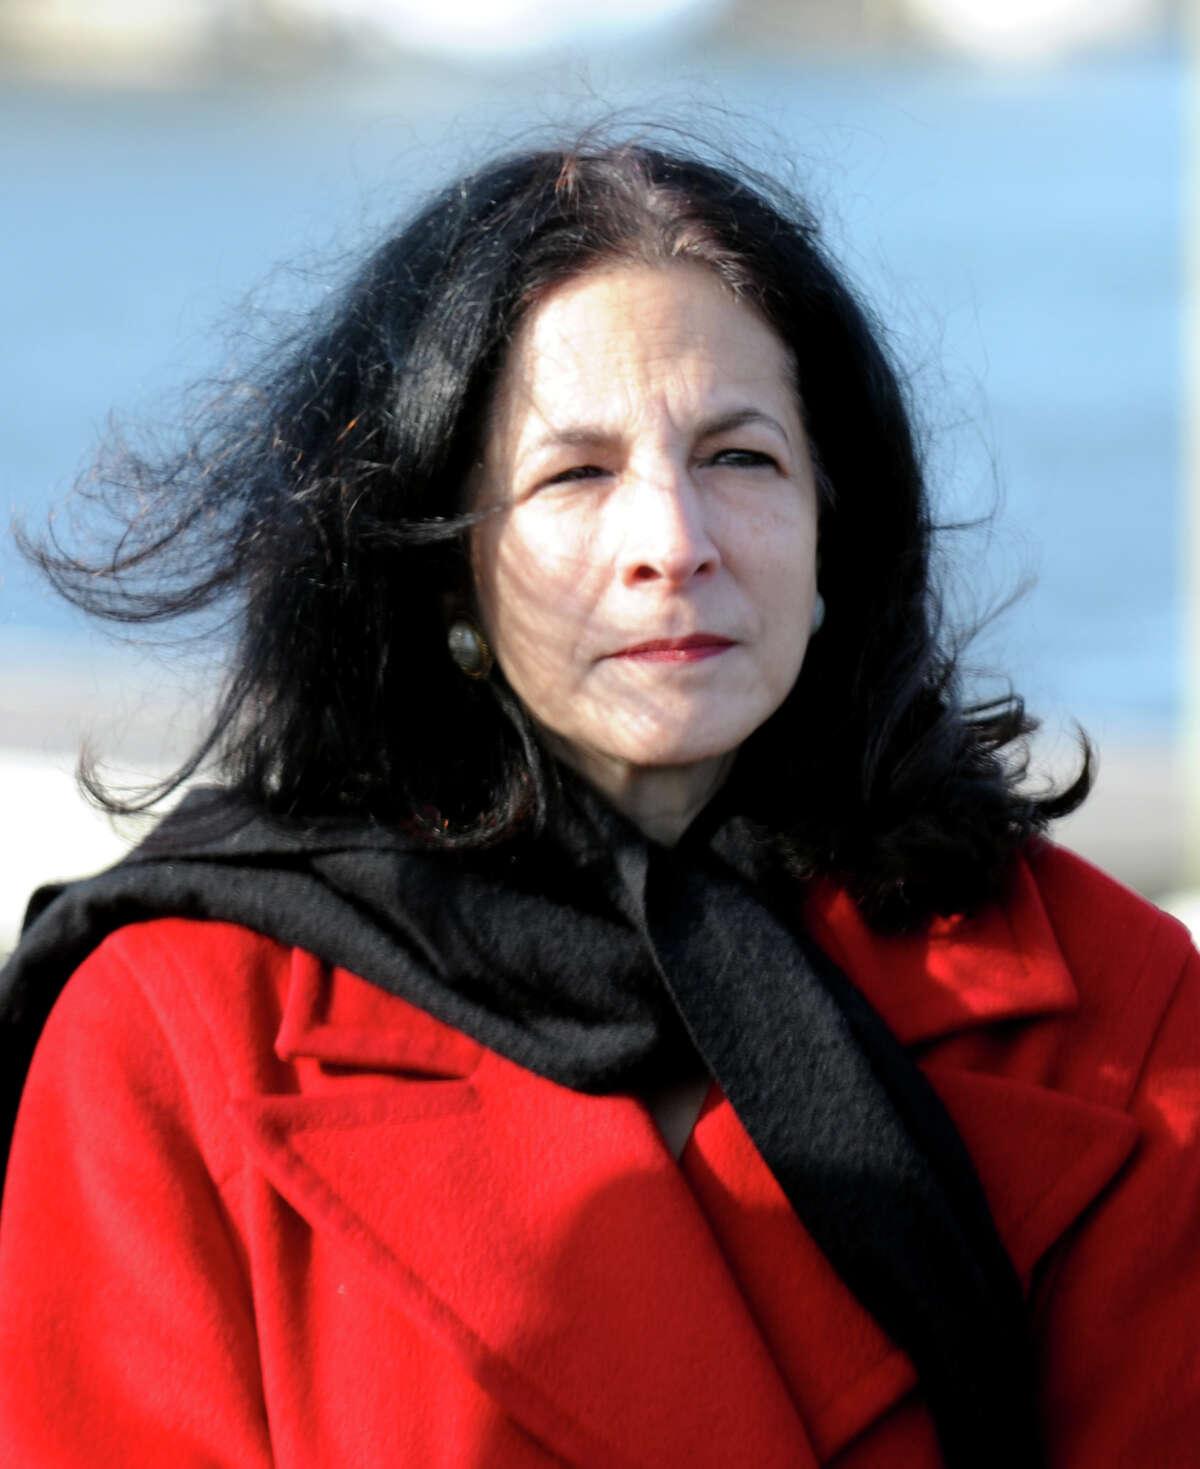 State Representative Gail Lavielle (R-143)